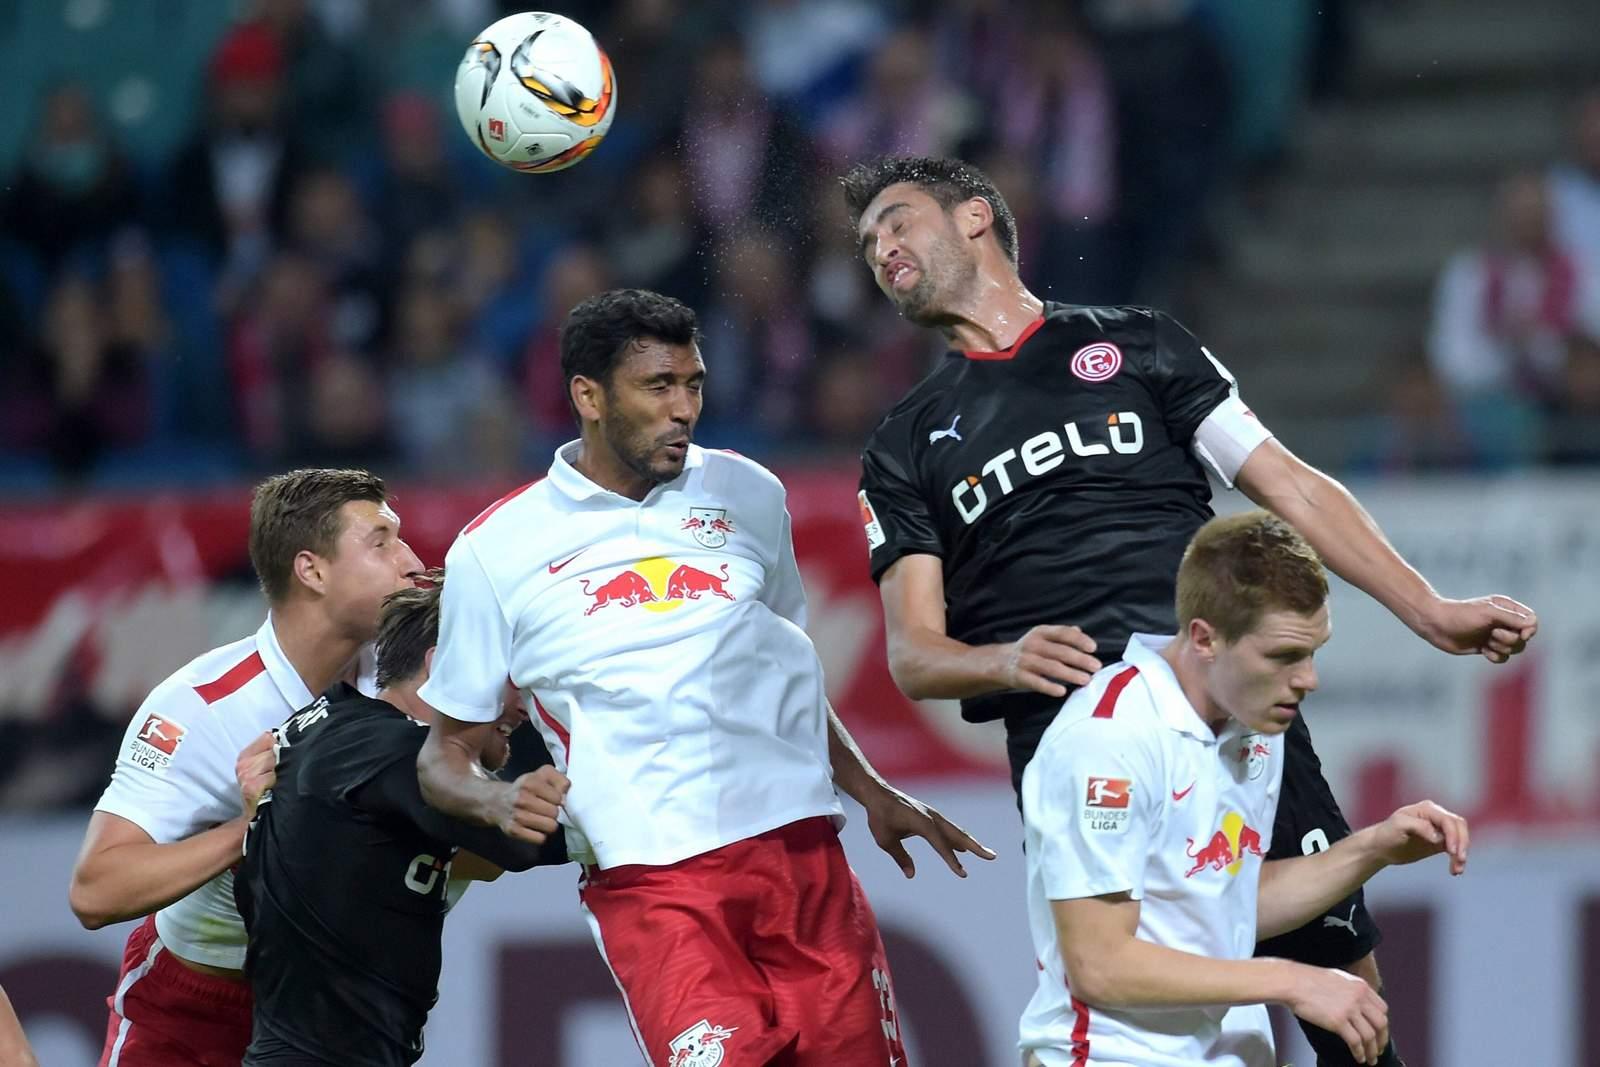 Gewinnt Haggui das Kopfballduell mit Compper? Unser Tipp: Red Bull Leipzig gewinnt gegen Düsseldorf